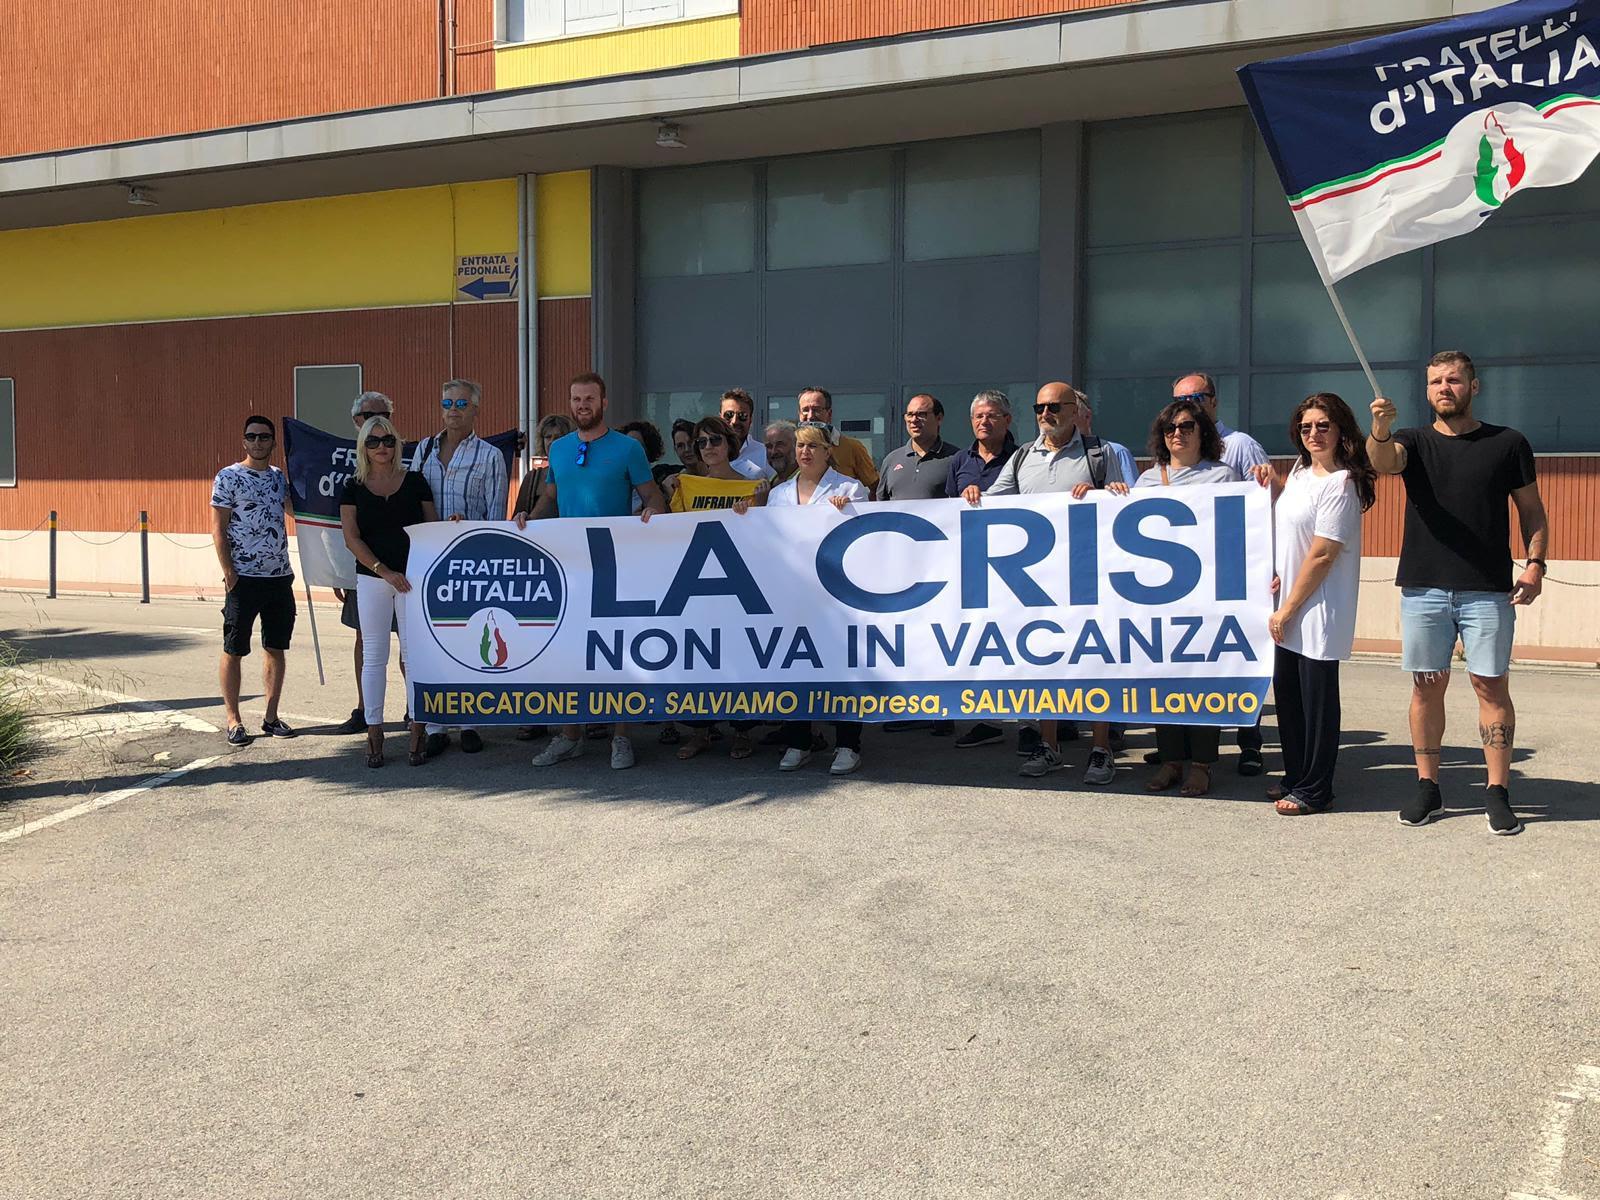 Mercatone Uno, flash mob a Pineto a sostegno dei lavoratori